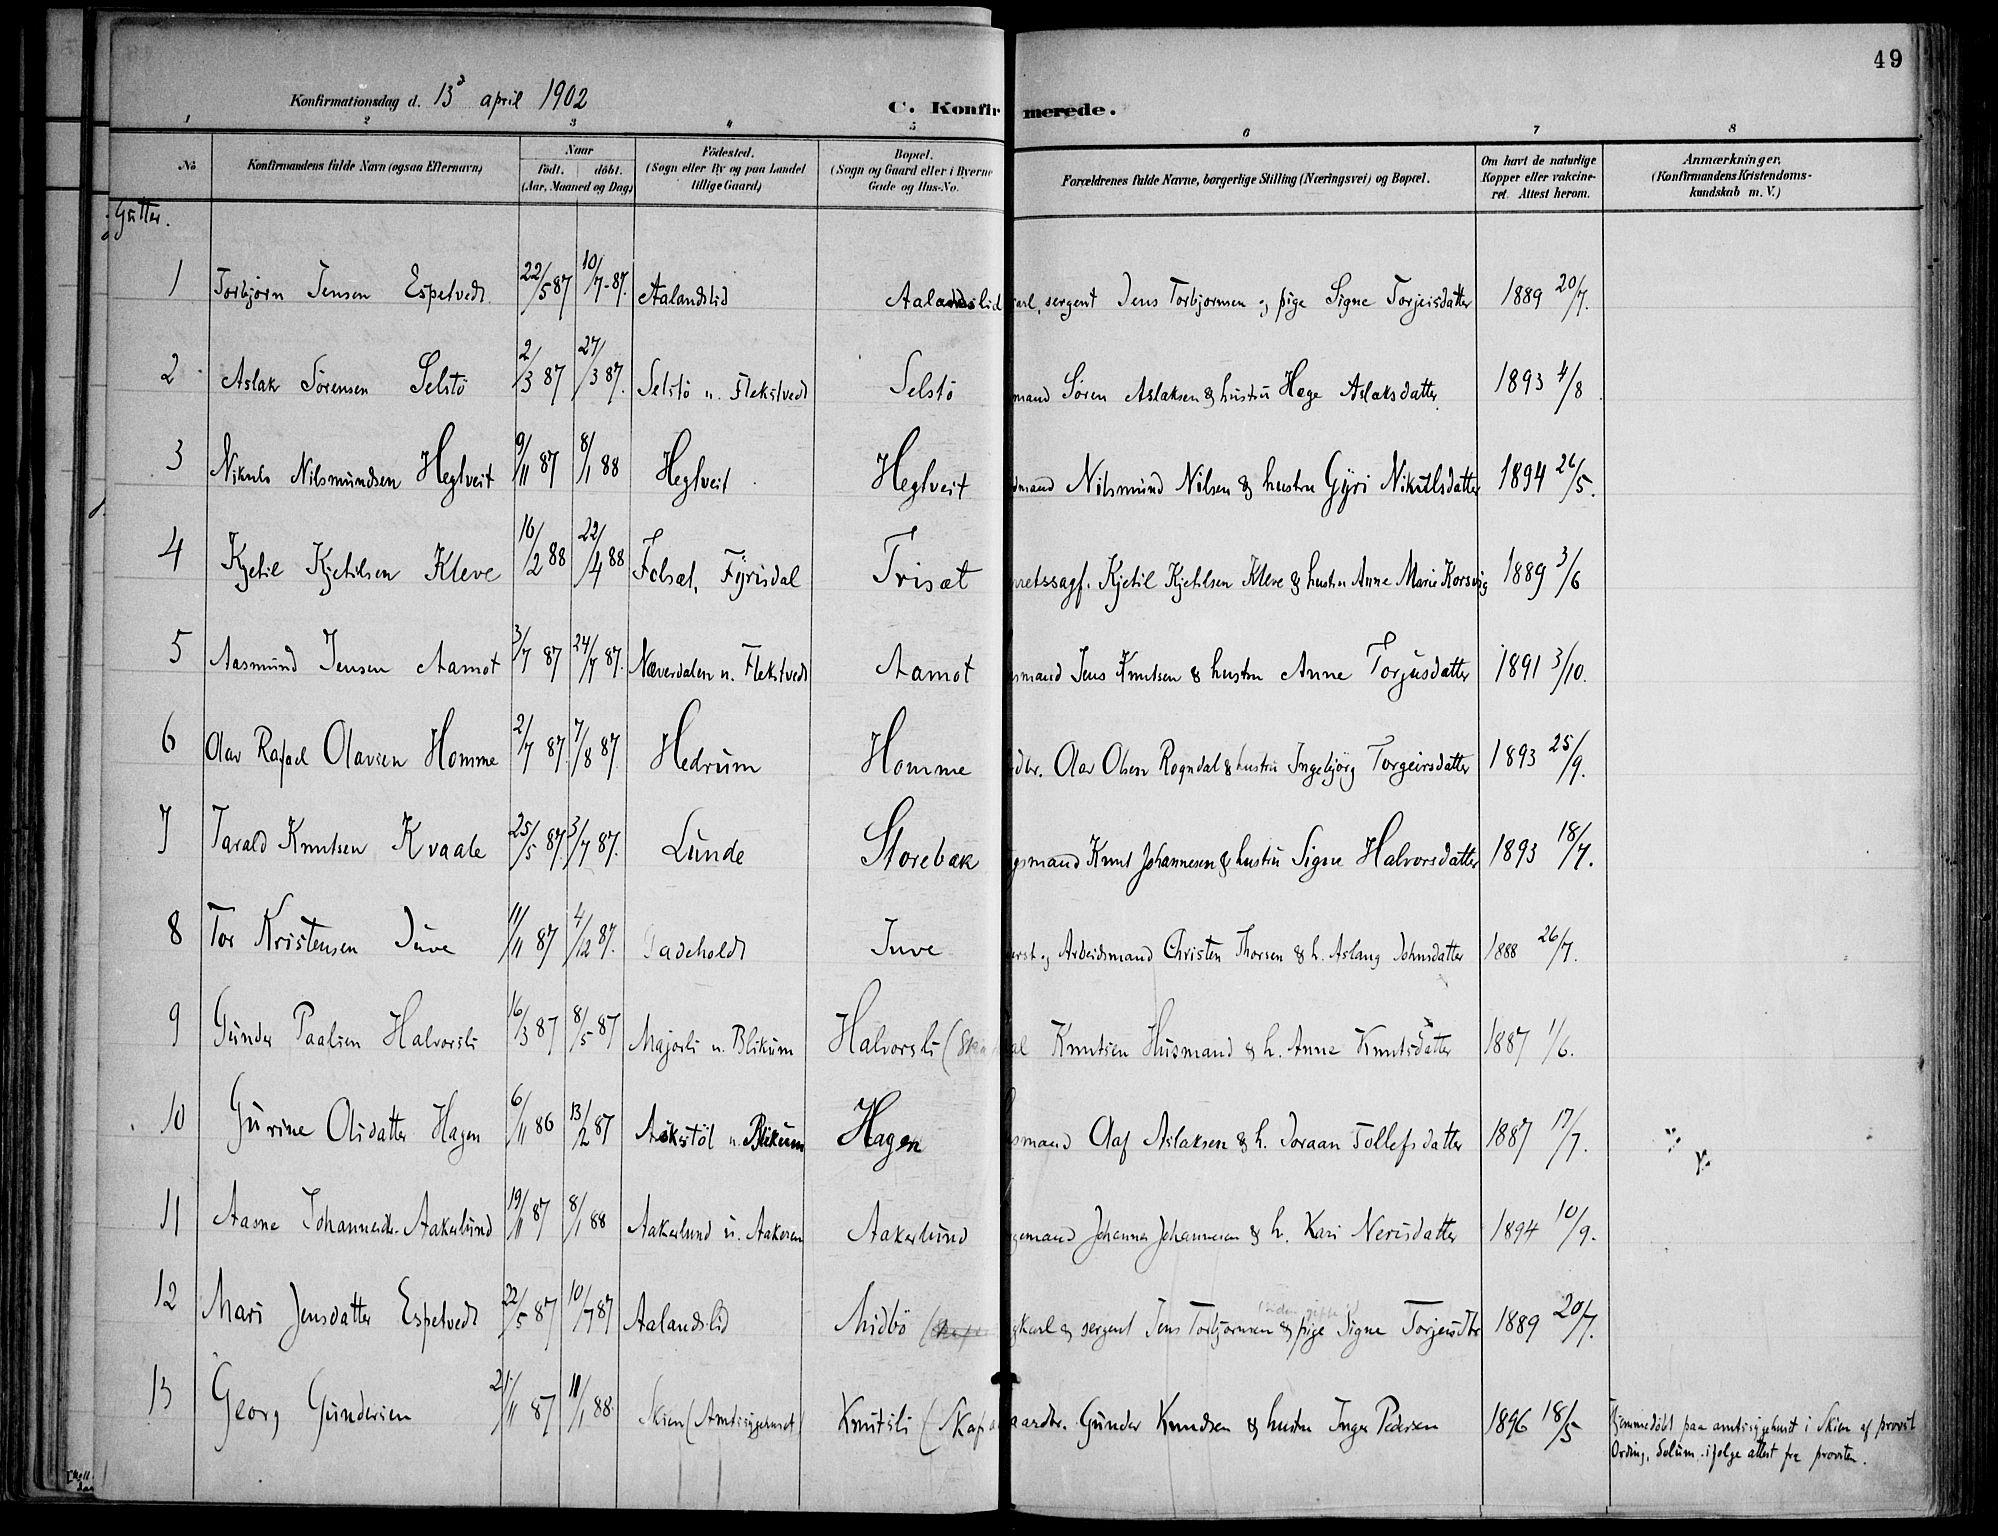 SAKO, Lårdal kirkebøker, F/Fa/L0007: Ministerialbok nr. I 7, 1887-1906, s. 49